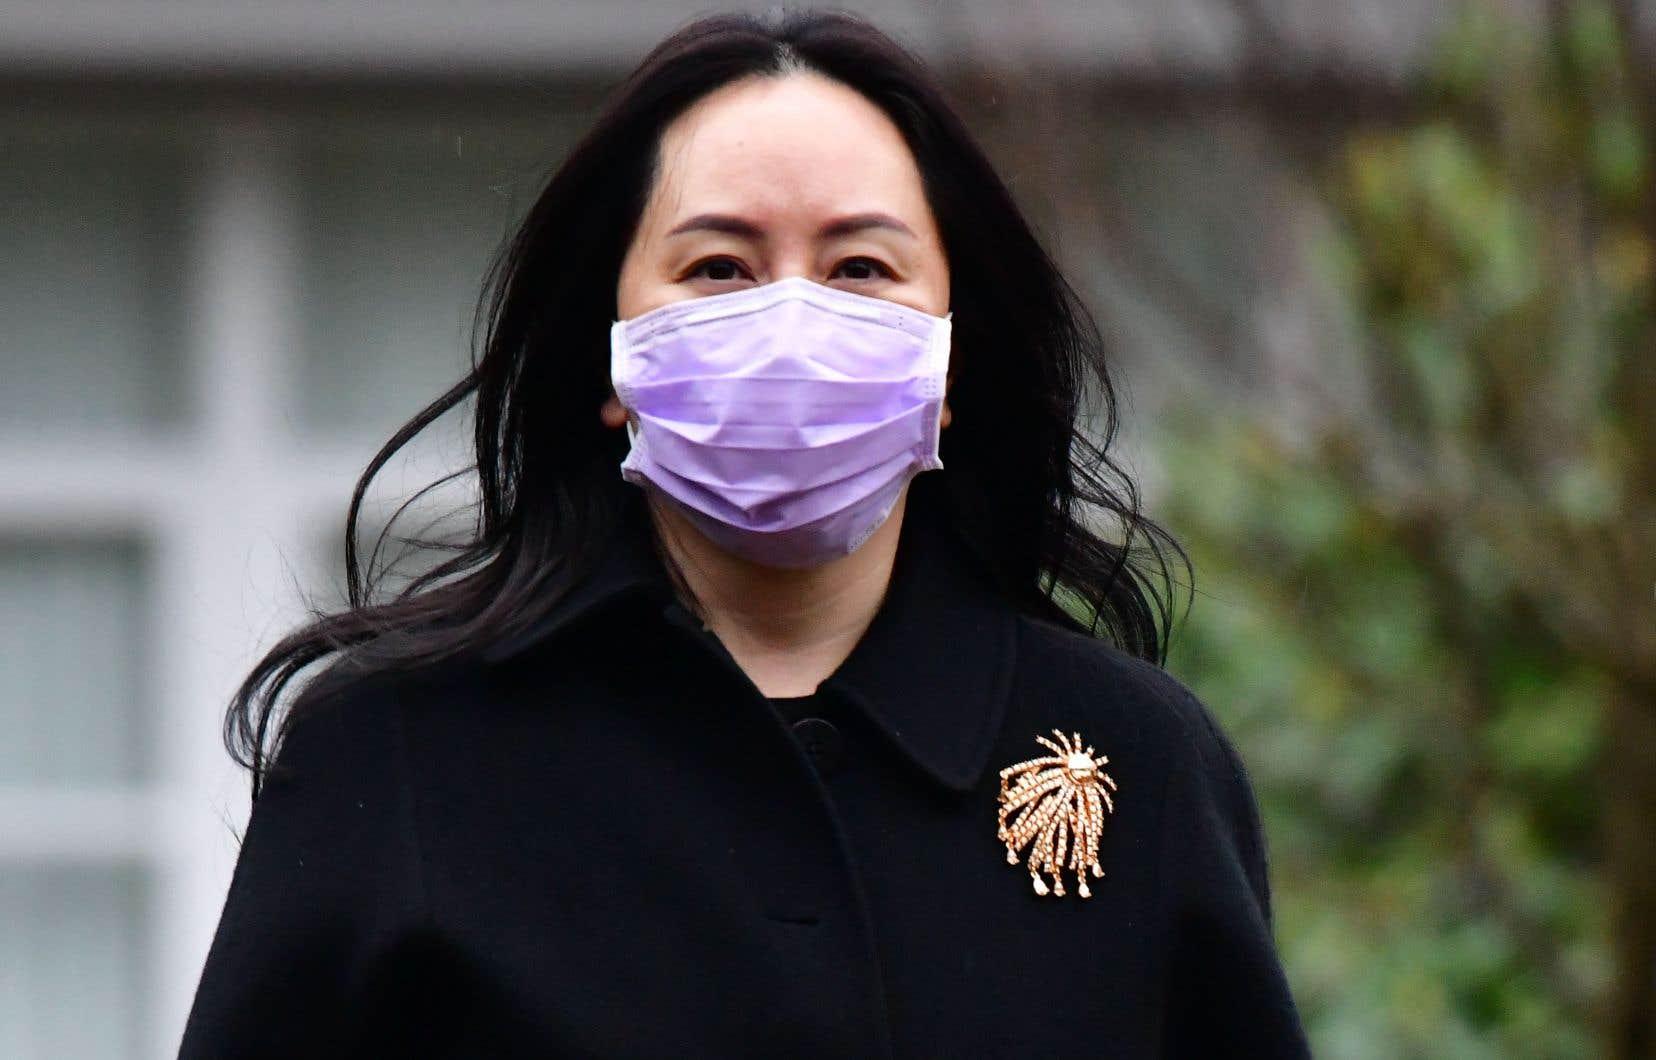 La justice américaine accuse Meng Wanzhou d'avoir menti quant aux liens de Huawei avec l'Iran, en violation de l'embargo américain contre ce pays.